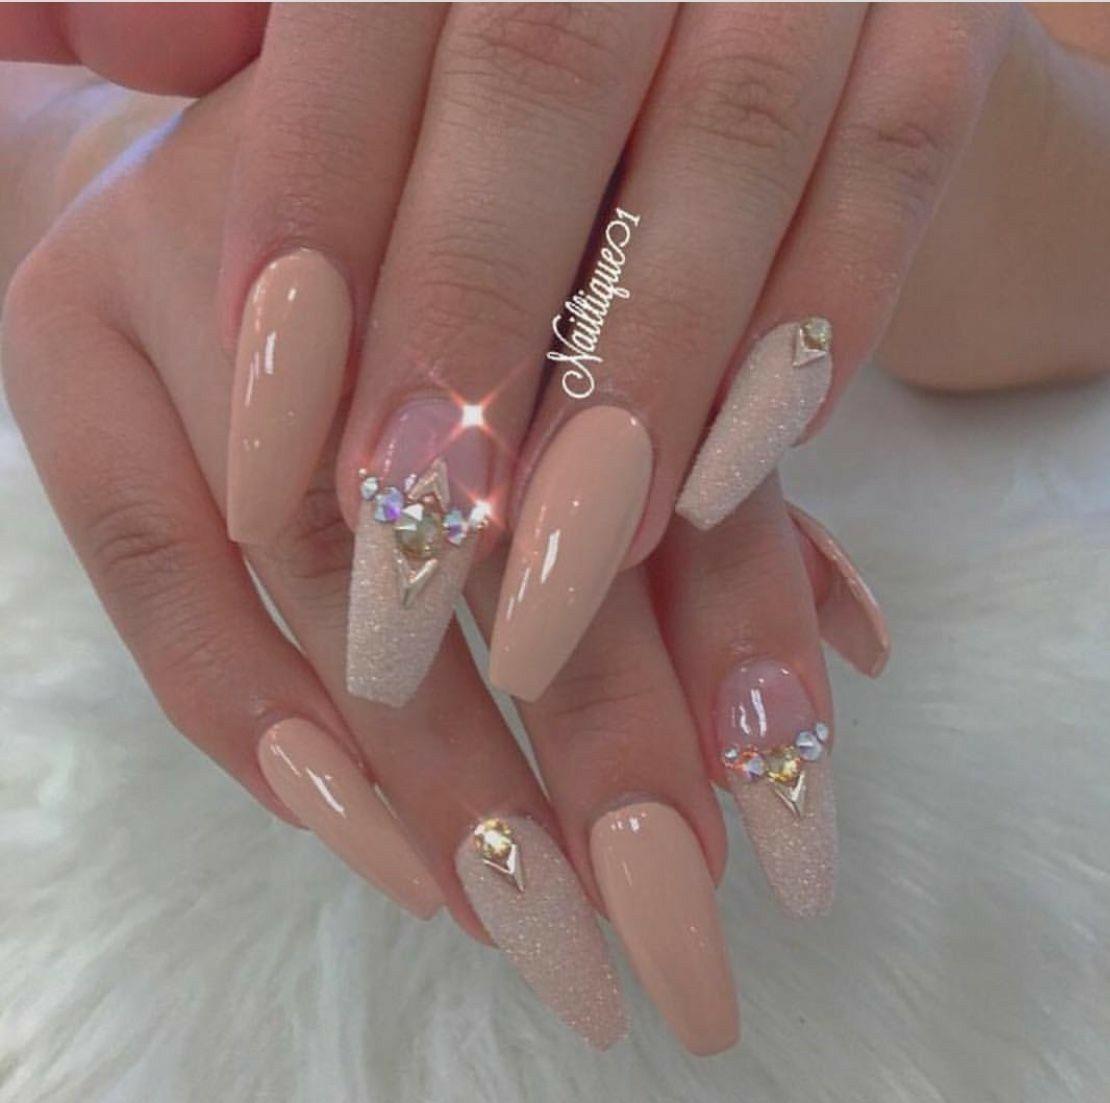 Pin By Estefany Rm On Unas Bridal Nail Art Nail Designs Fabulous Nails